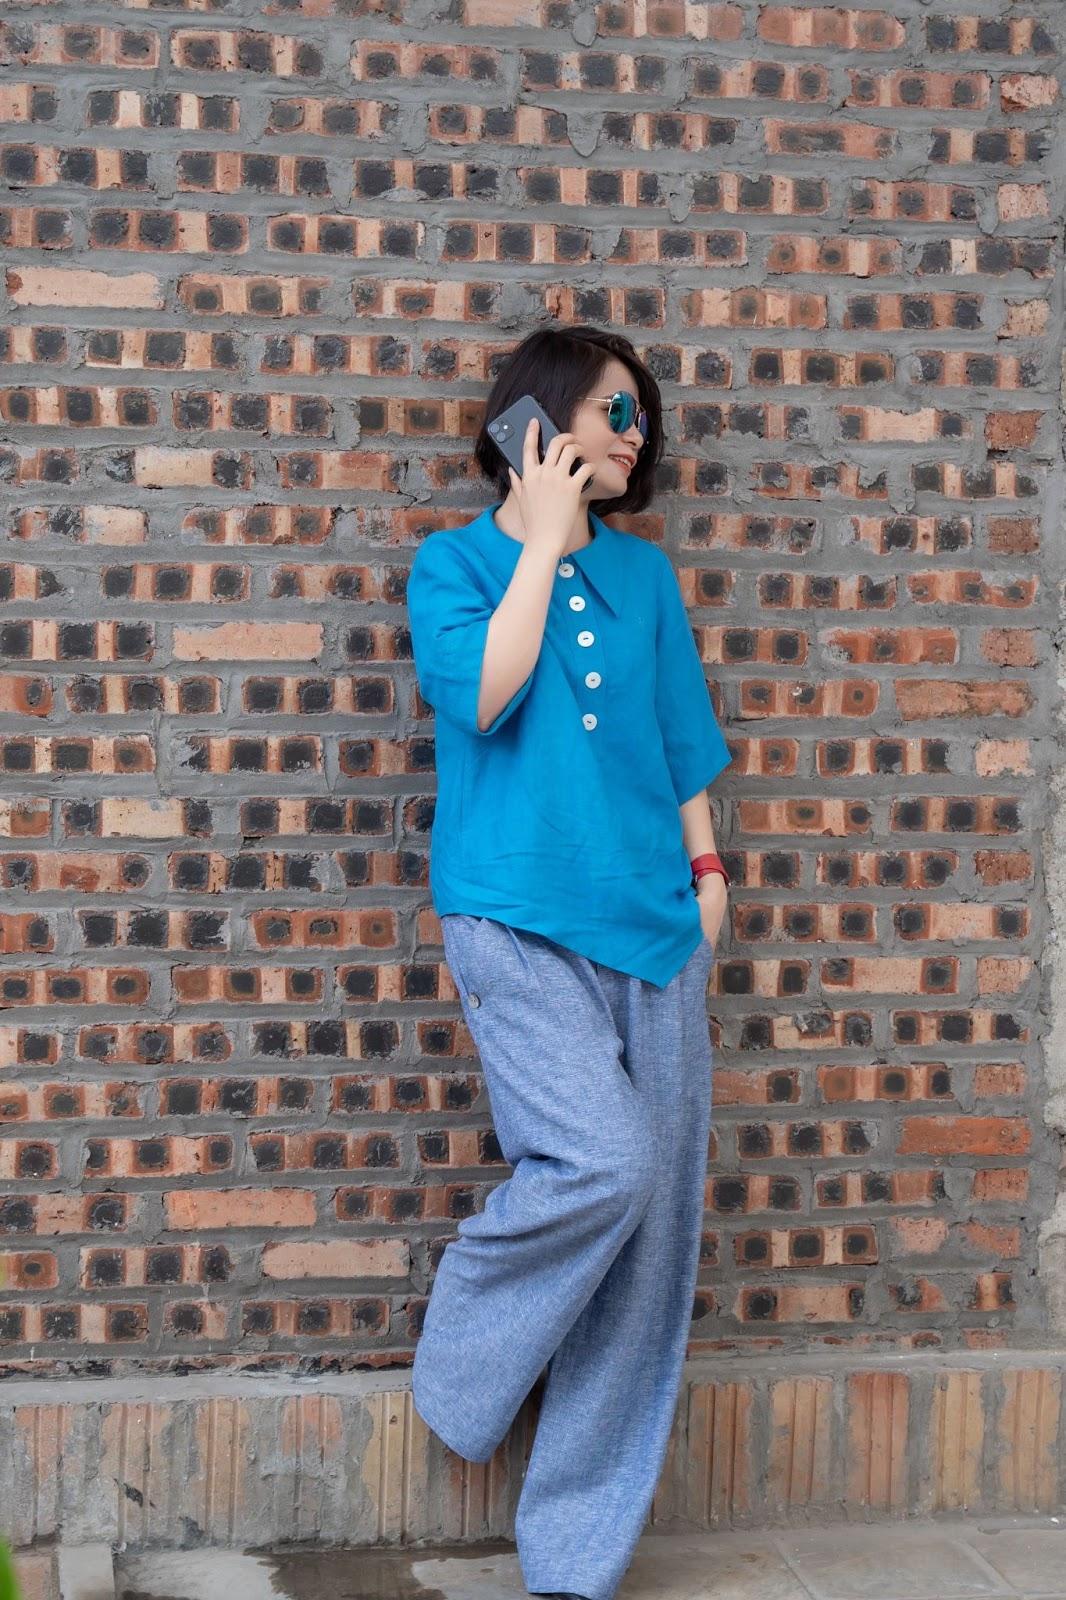 Phong cách Street Style cùng áo sơ mi nữ form rộng tay lỡ